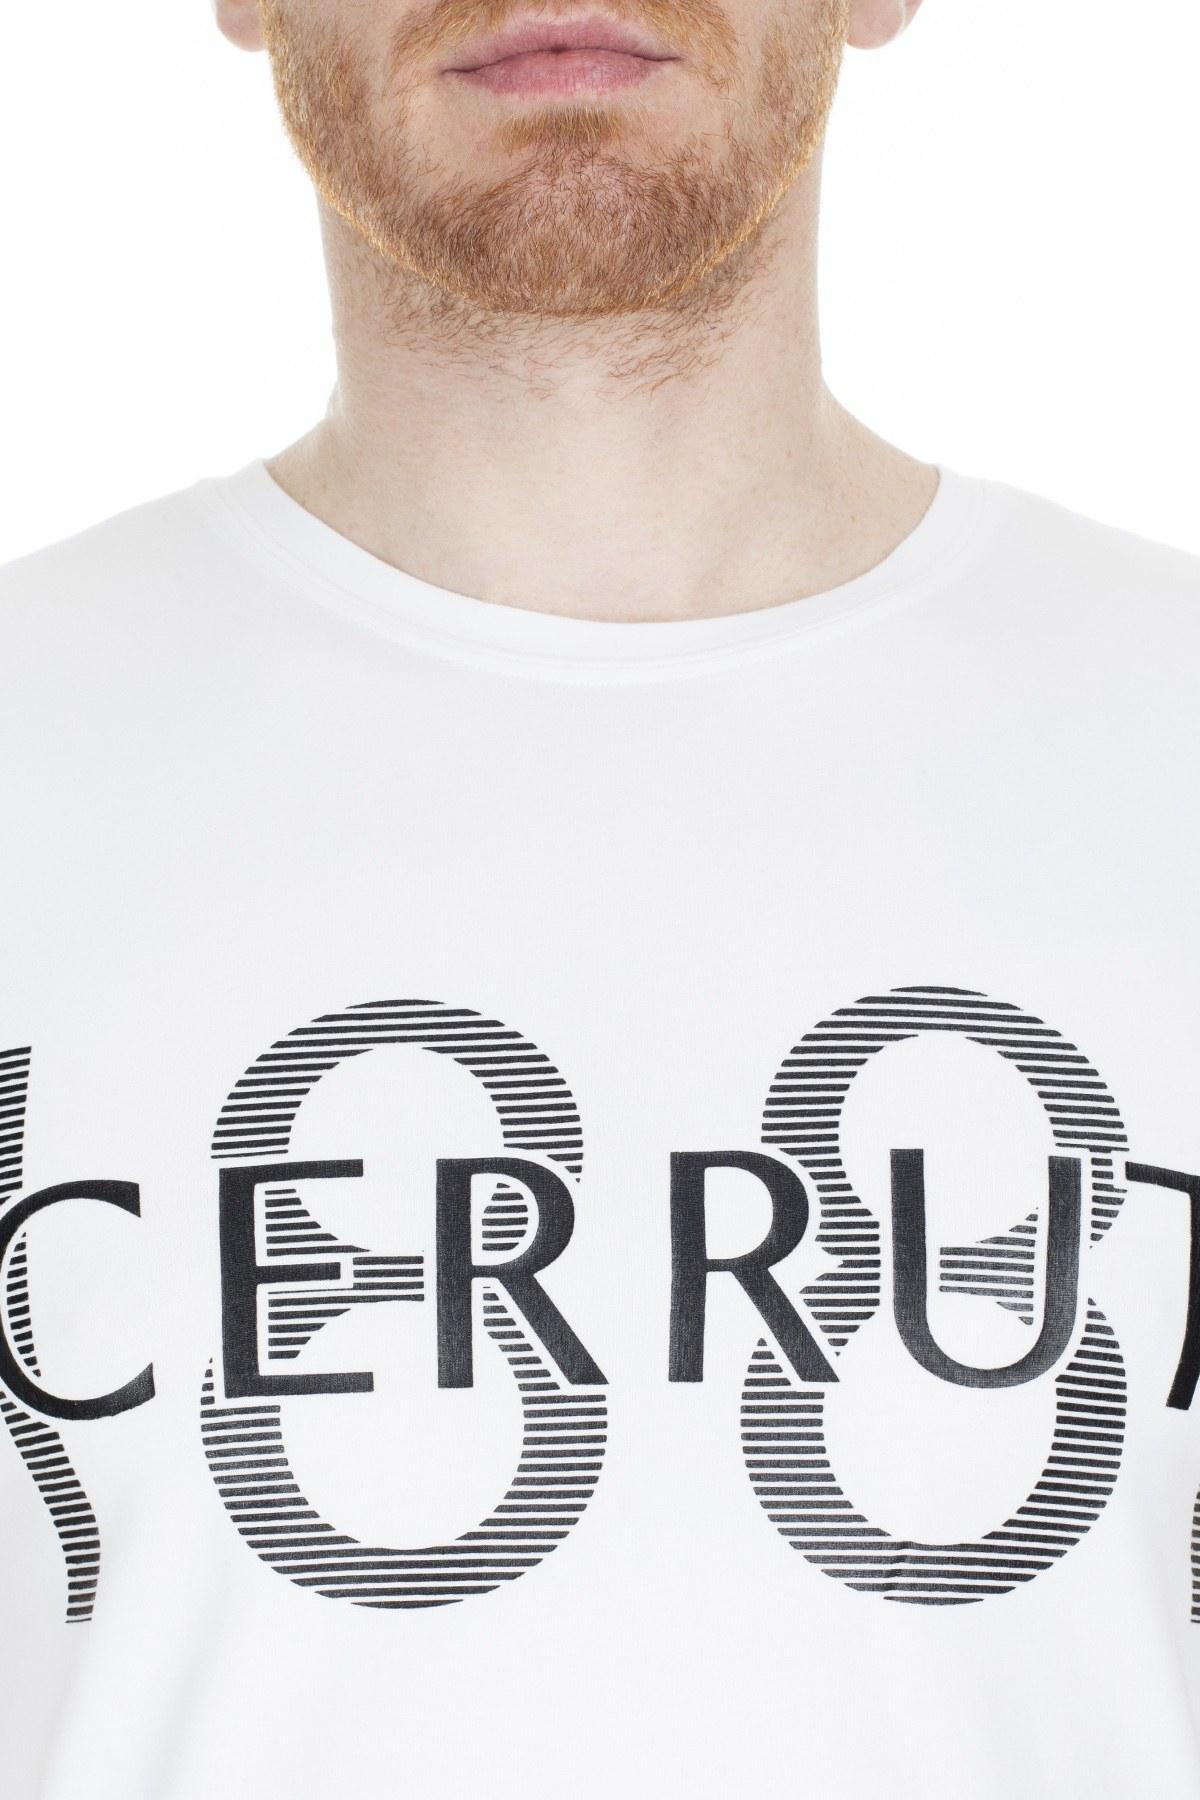 Cerruti 1881 Erkek T Shirt 203-001646 BEYAZ